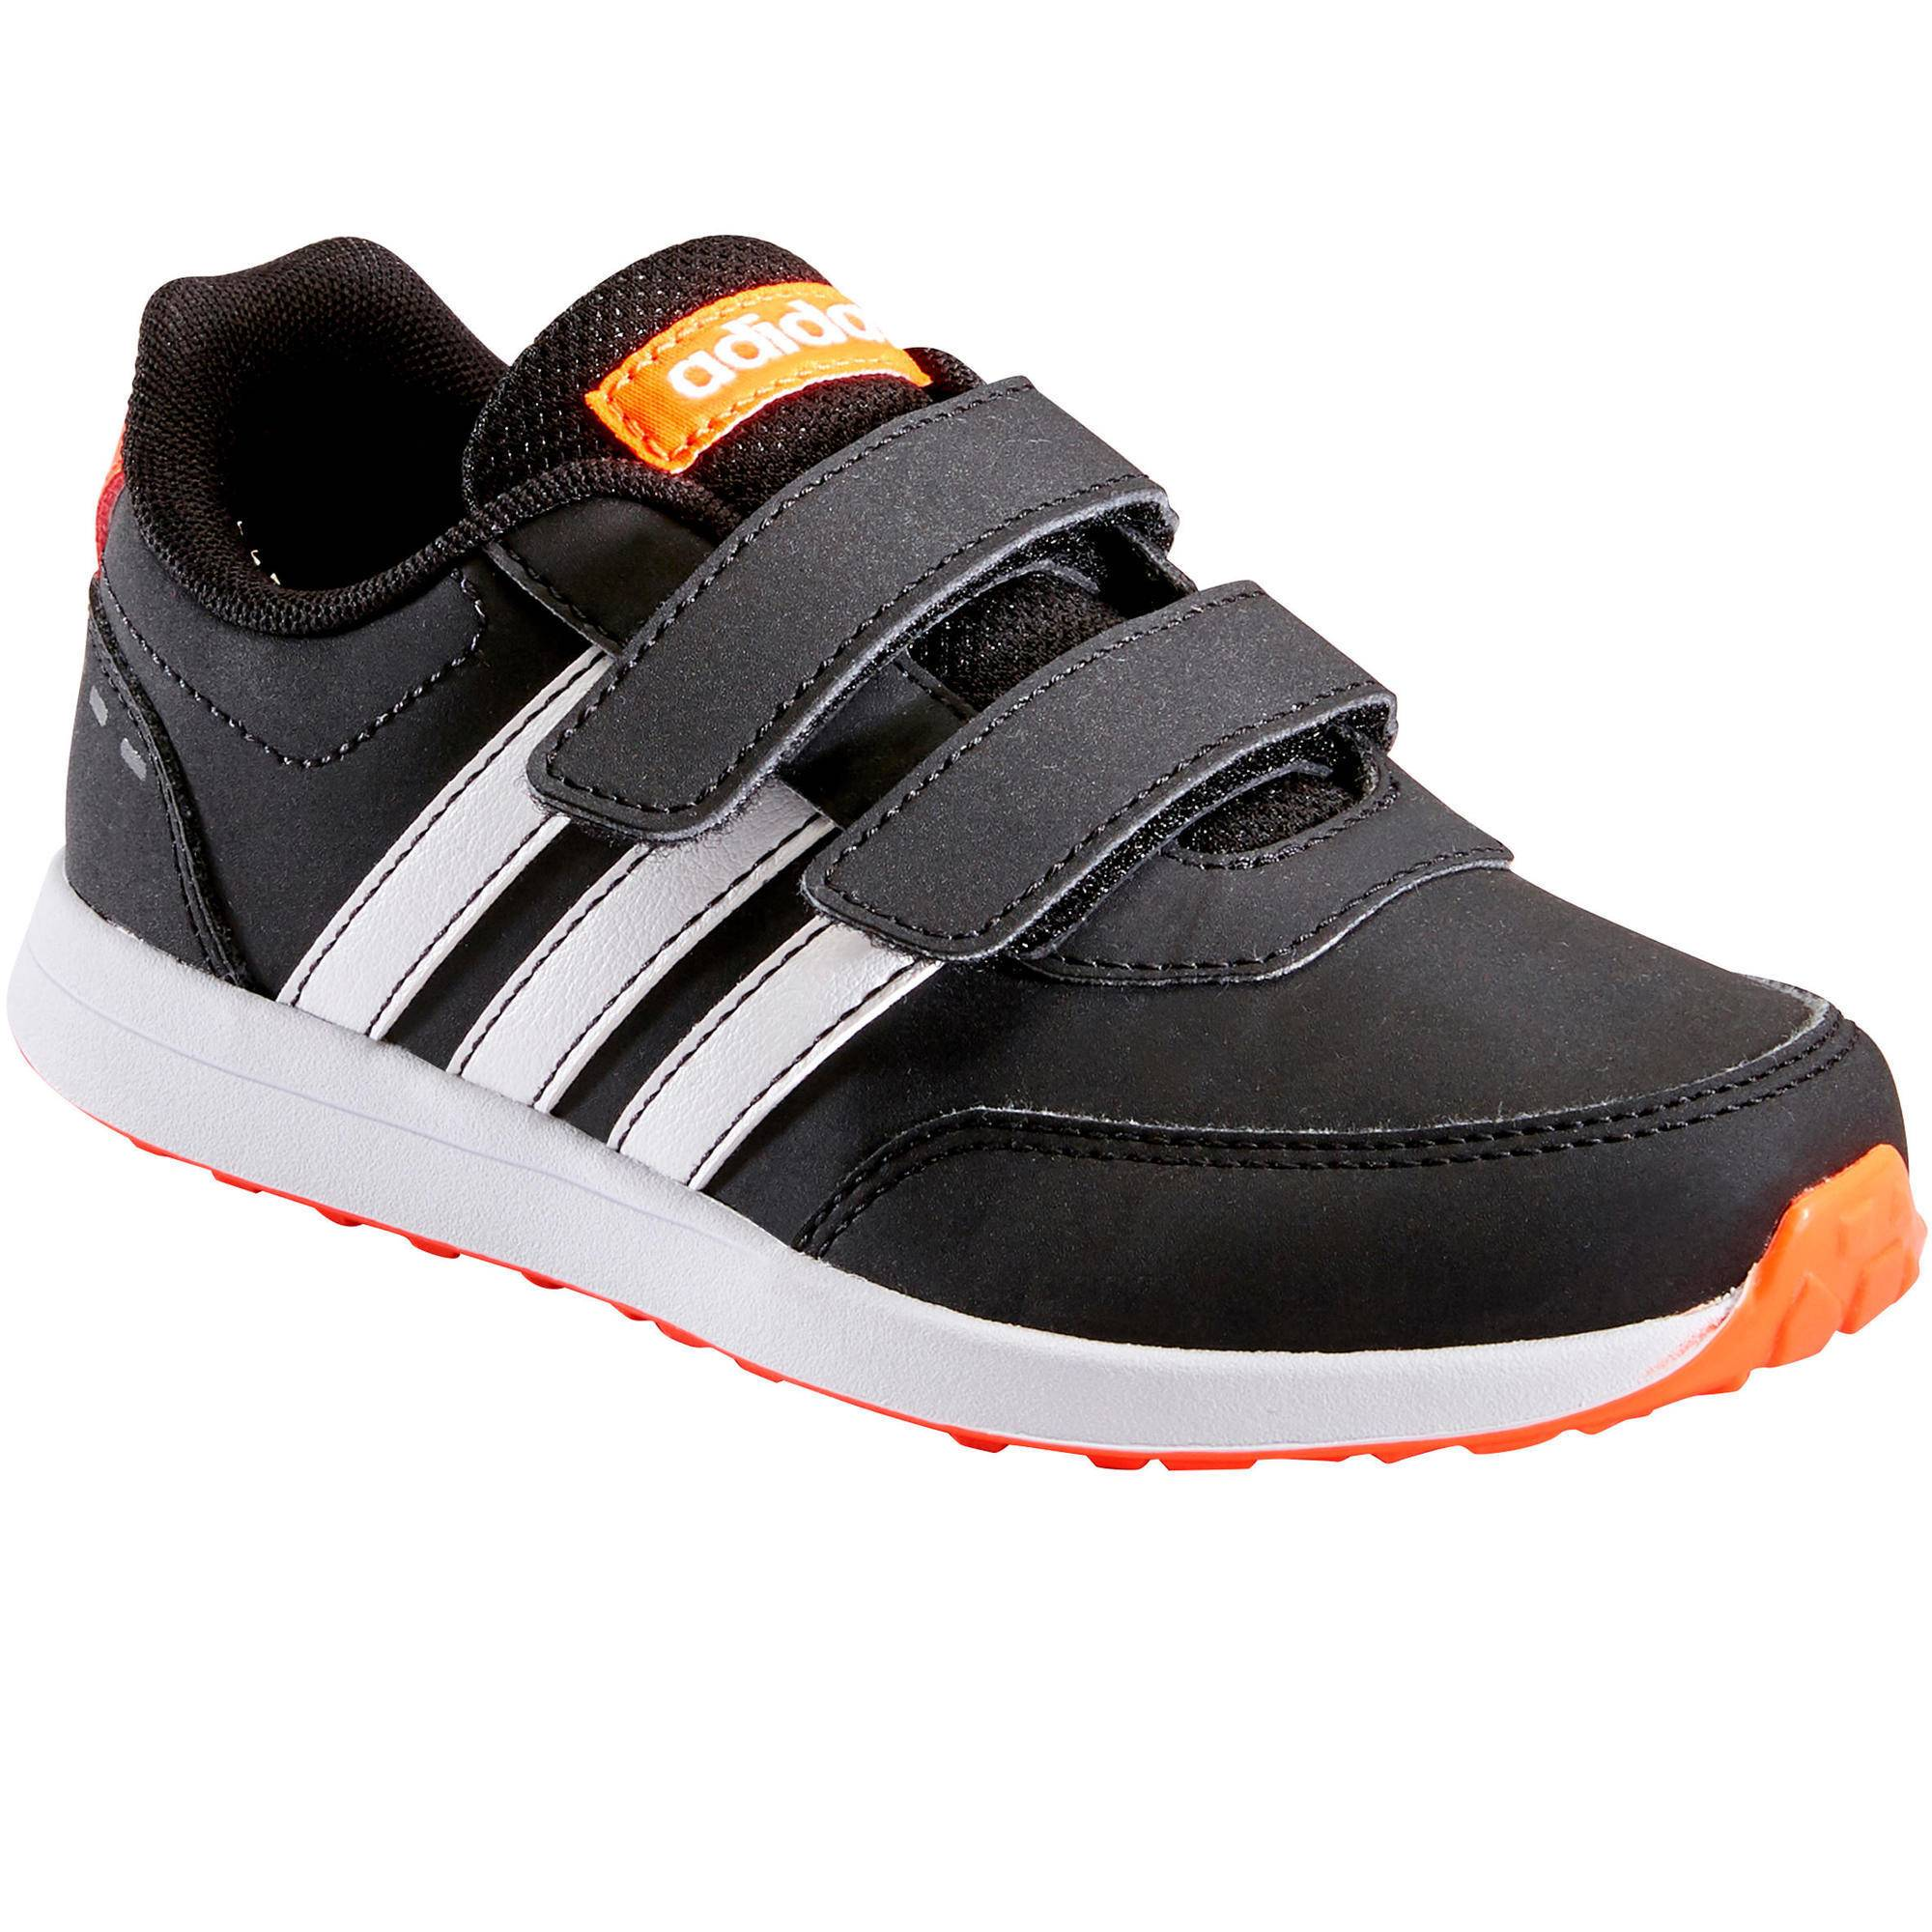 Adidas Chaussures marche enfant Adidas Switch noir scratch - Adidas